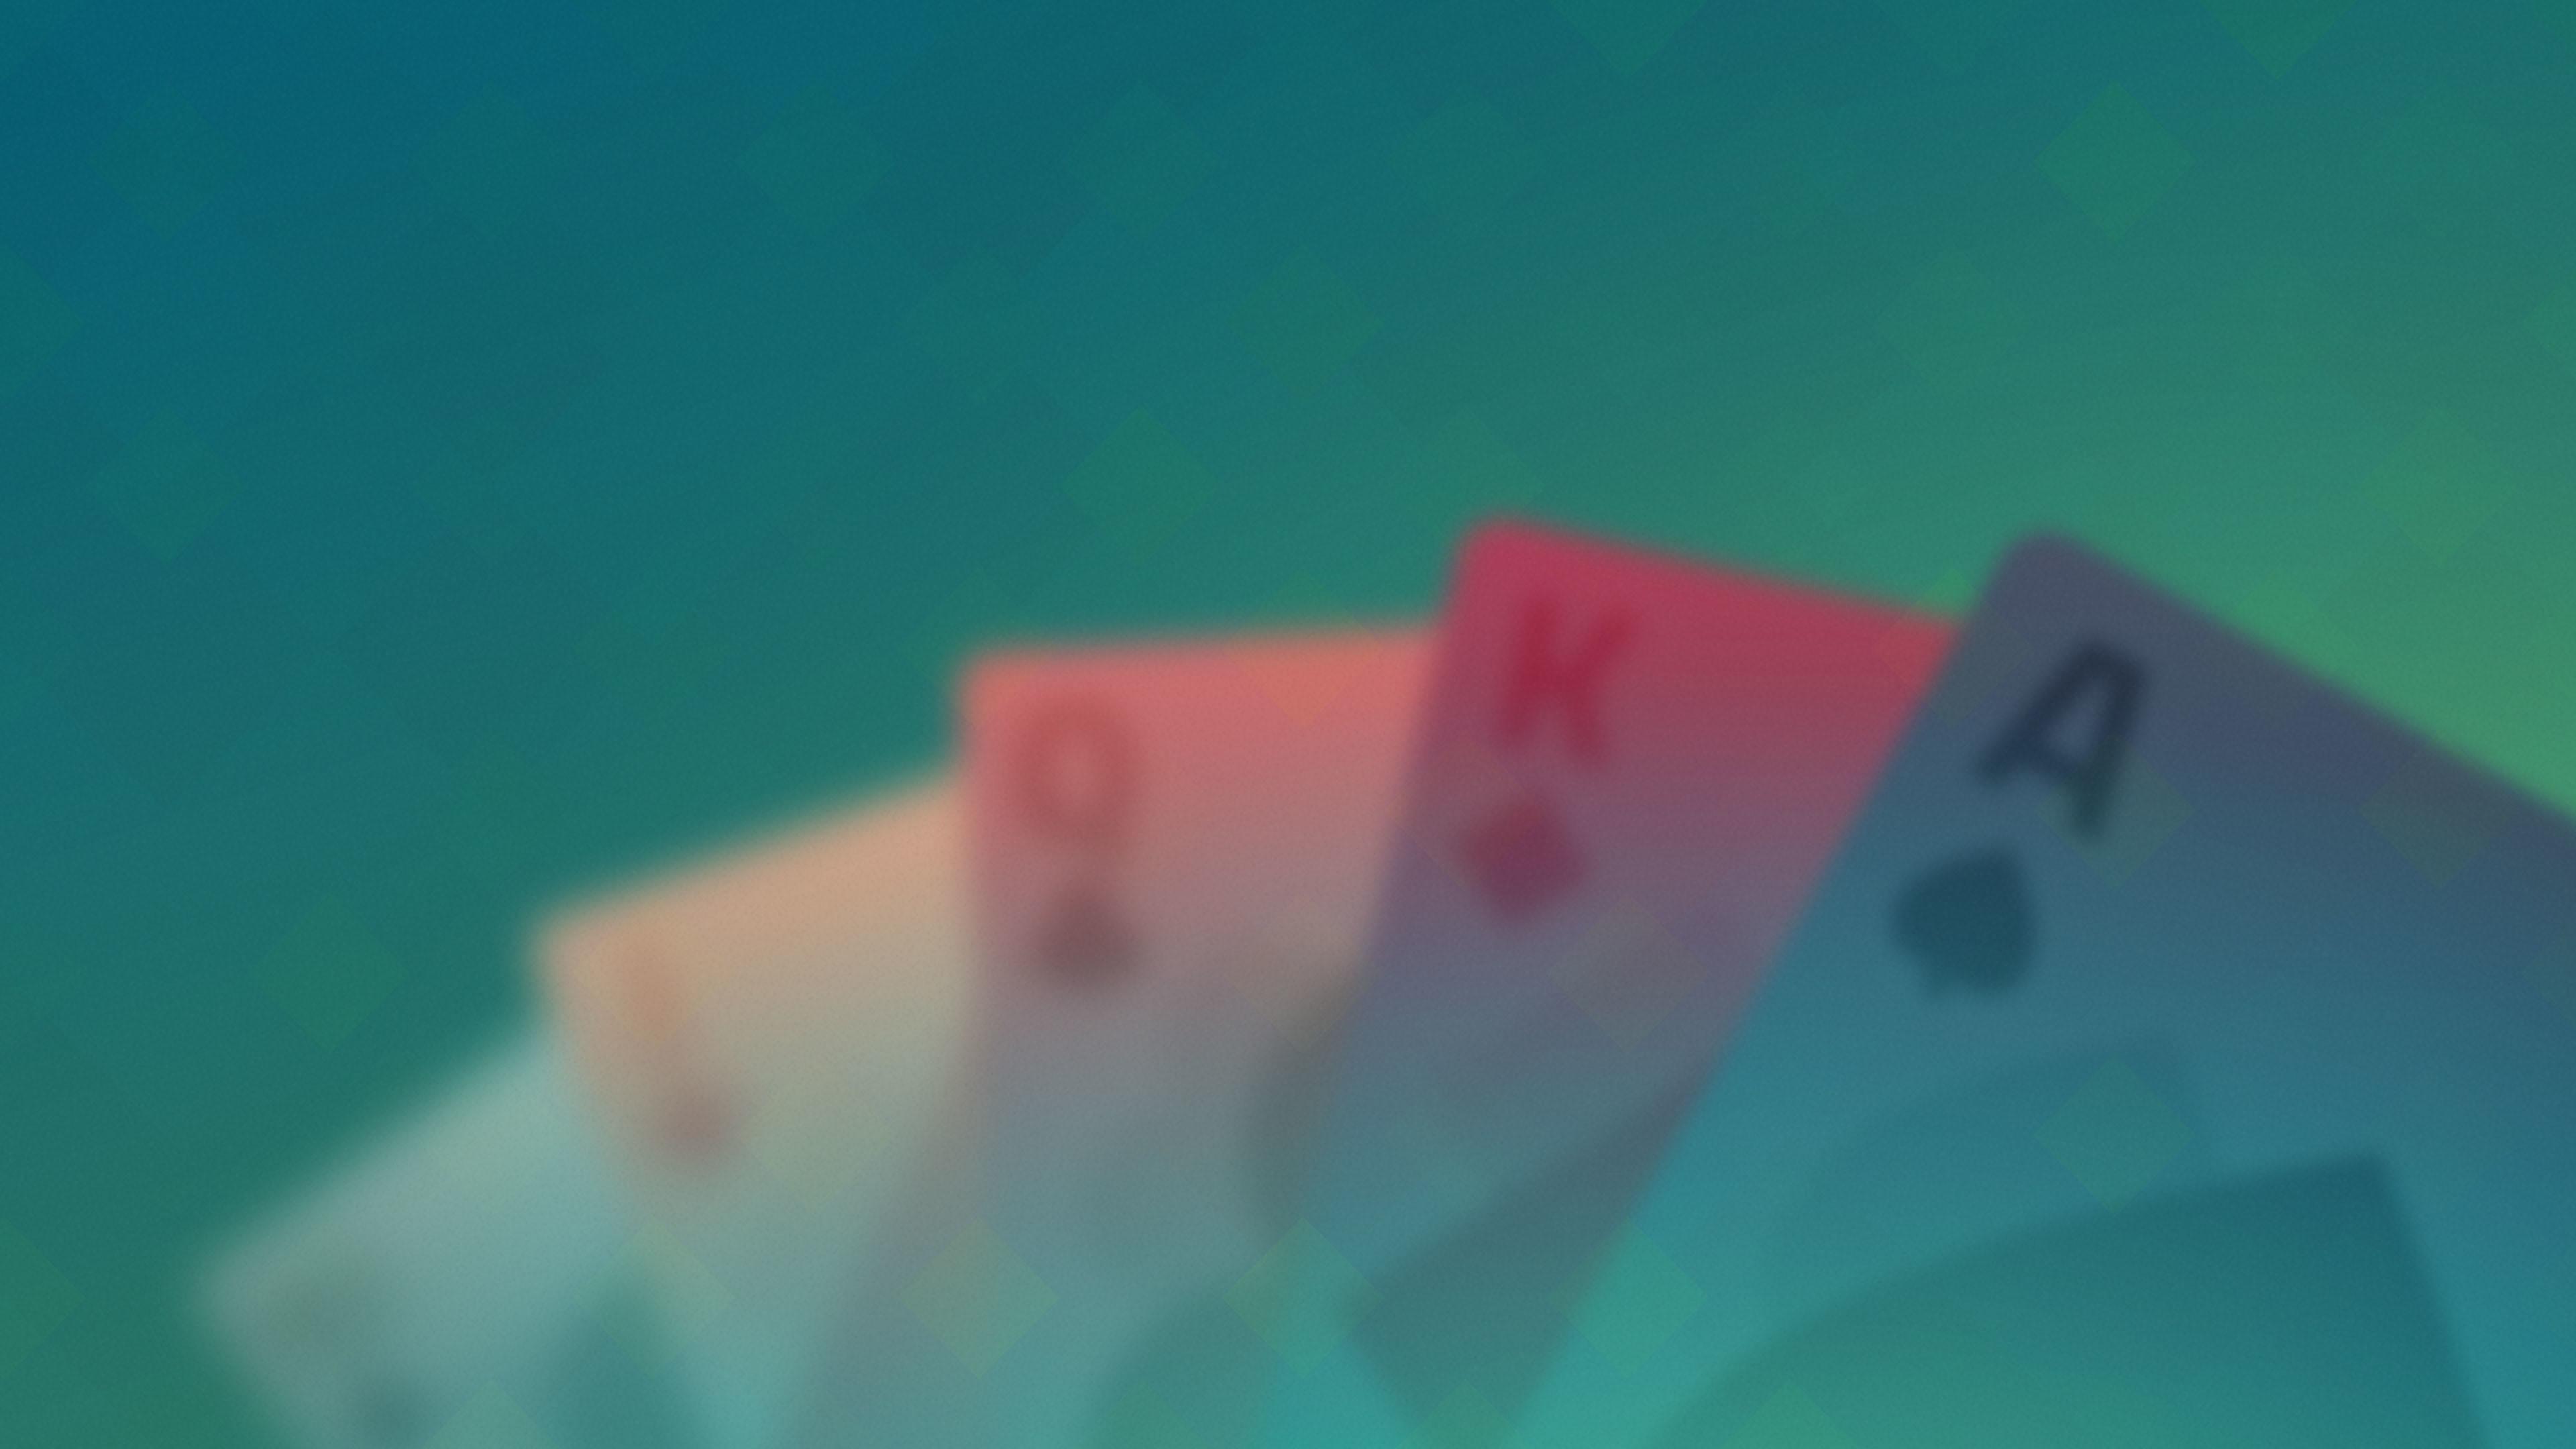 Res: 3840x2160, Fitness poker wallpaper 4k.